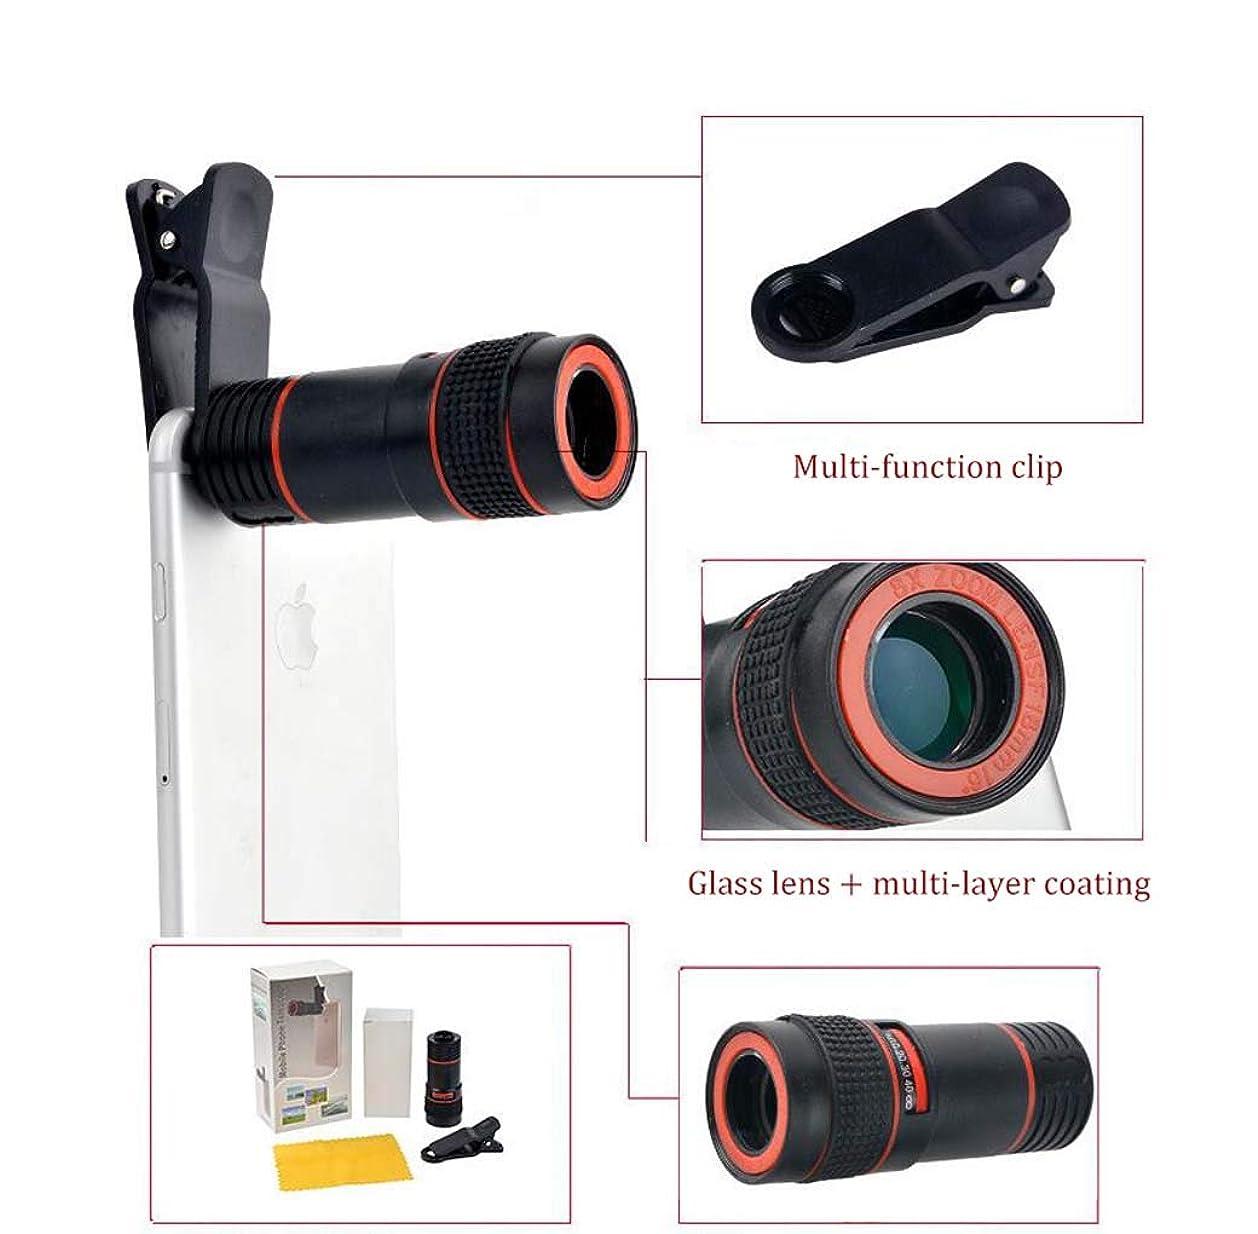 発音する回転させる下るミニ8×18単眼望遠鏡、高解像度ビデオ録画用、大人と子供のための適切な屋外旅行天文学バードウォッチング